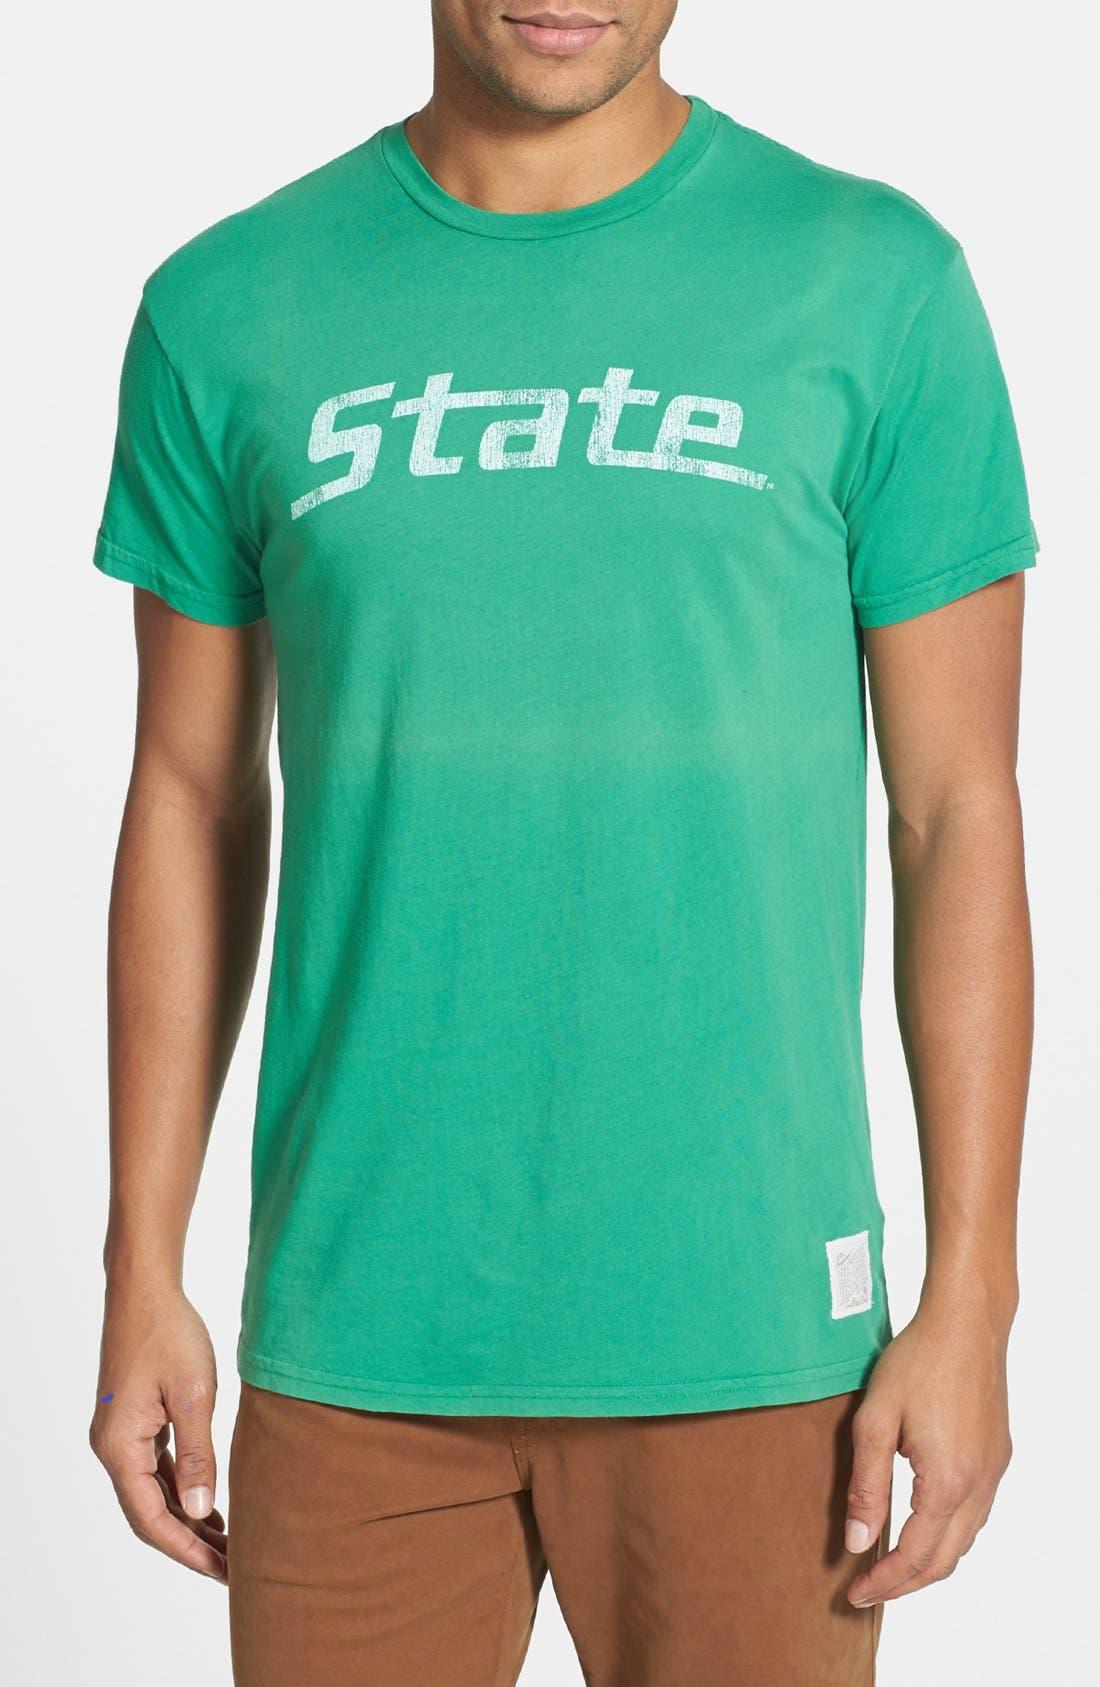 Main Image - Retro Brand 'Michigan State' Graphic T-Shirt